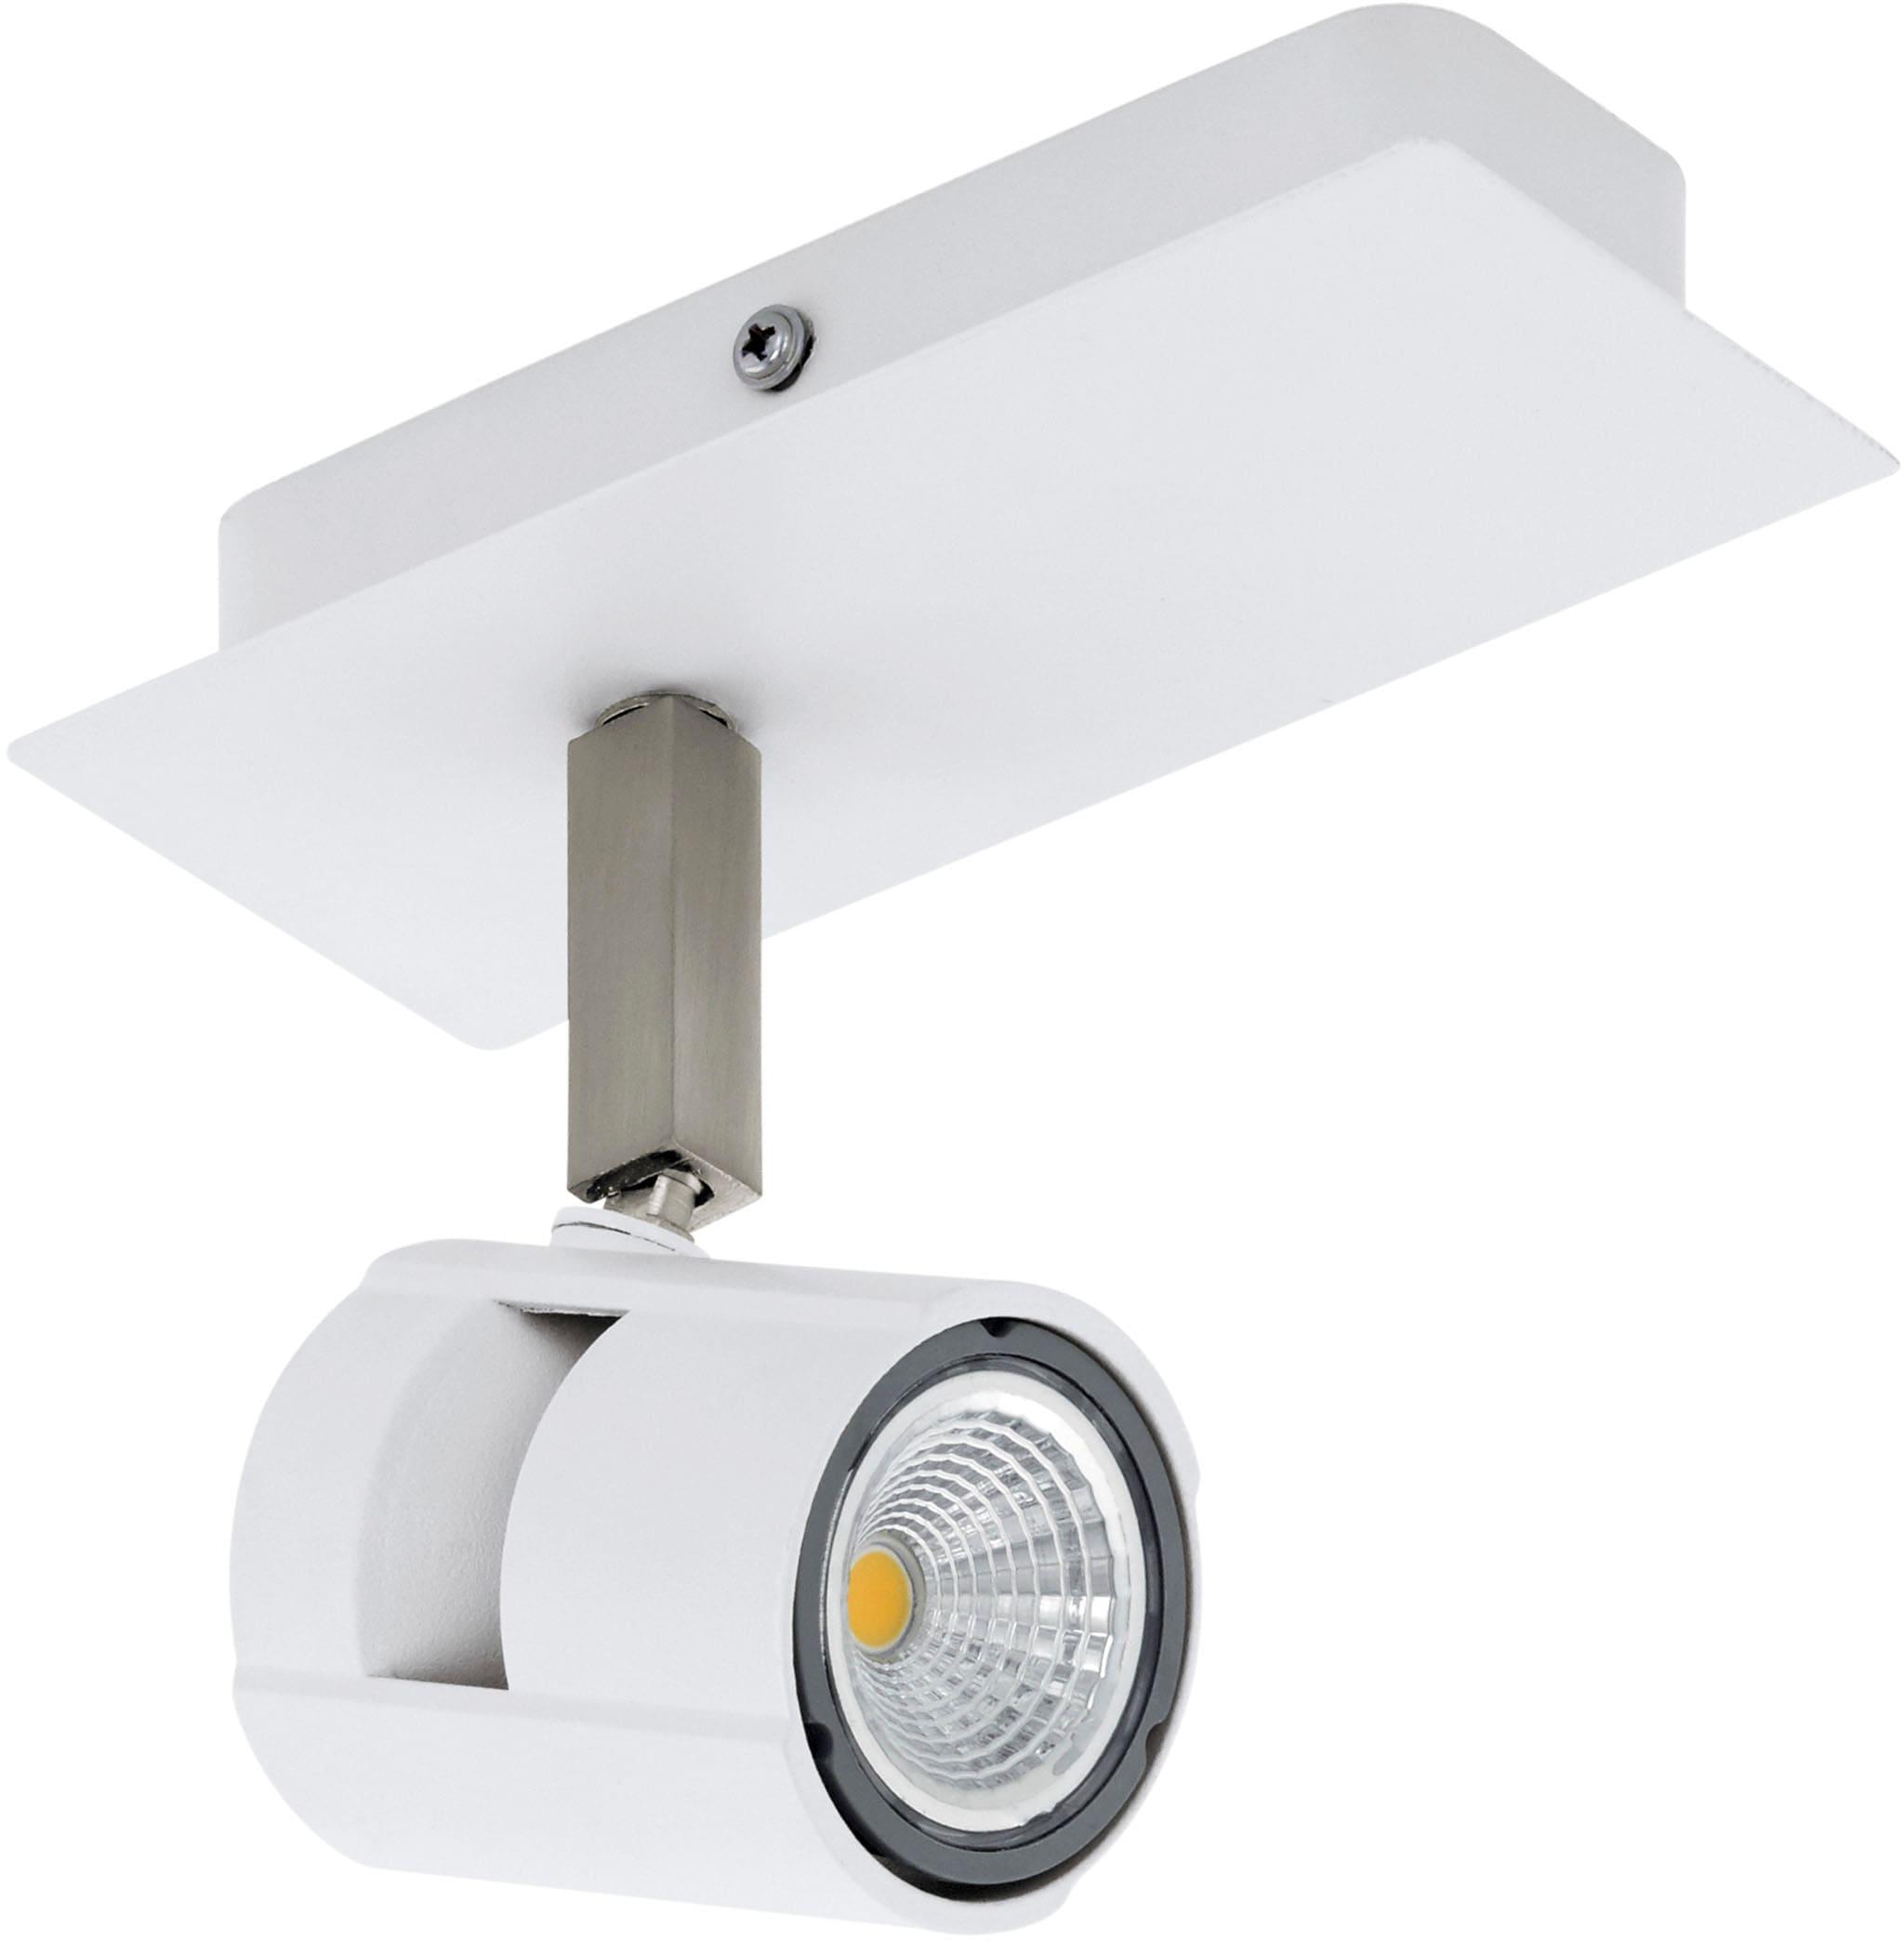 EGLO LED Wandleuchte VERGIANO, LED-Board-GU10, Warmweiß, 3-step dimming